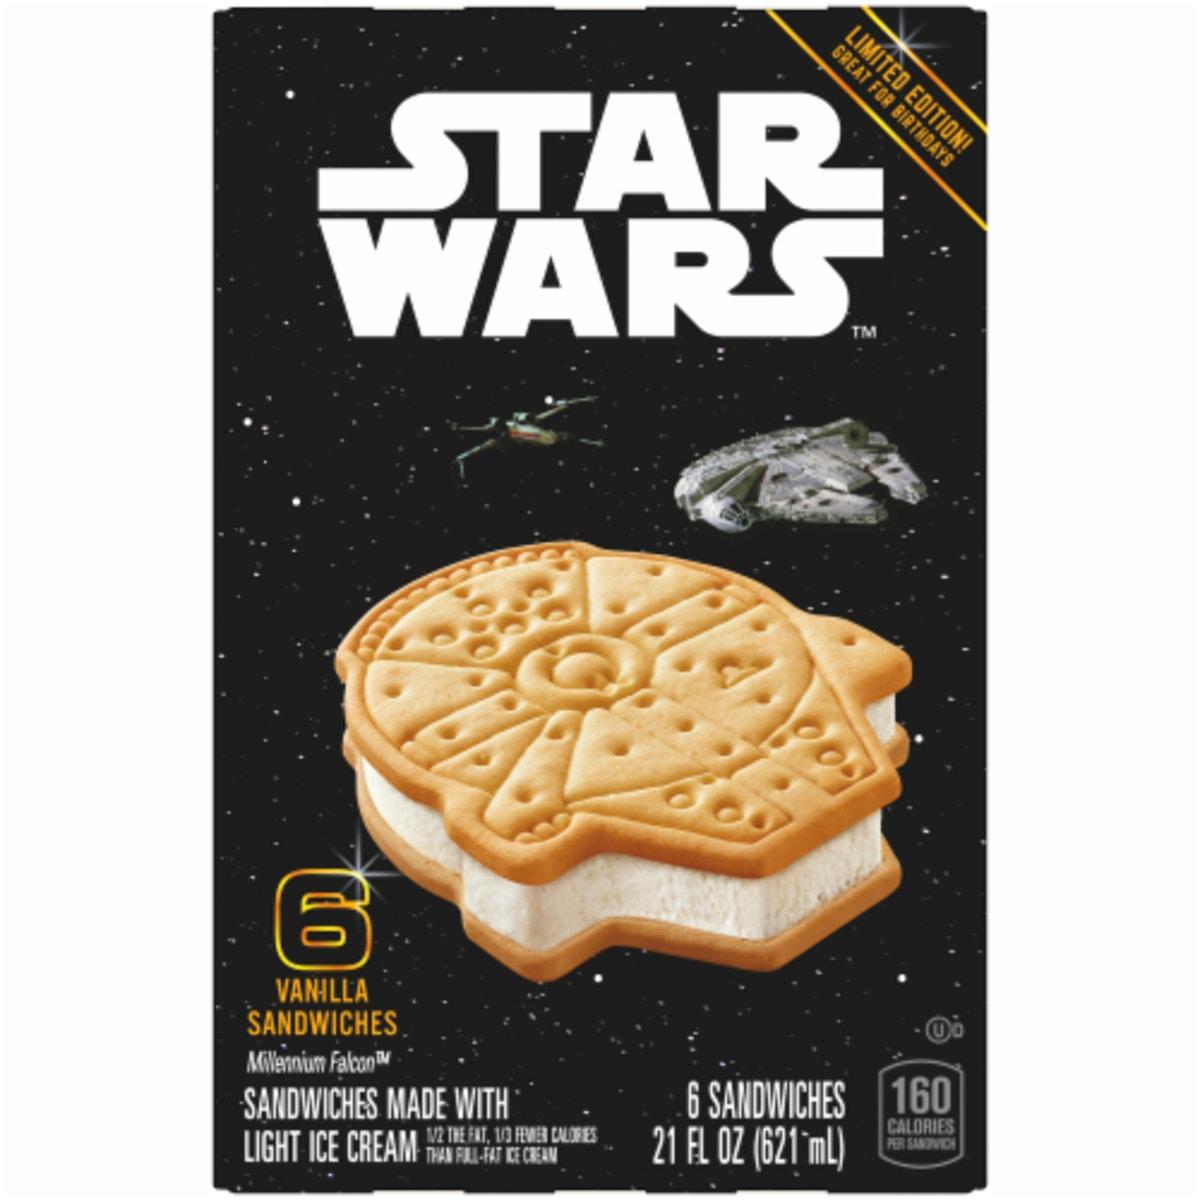 star-wars-ice-cream-sandwich-01-12-2020